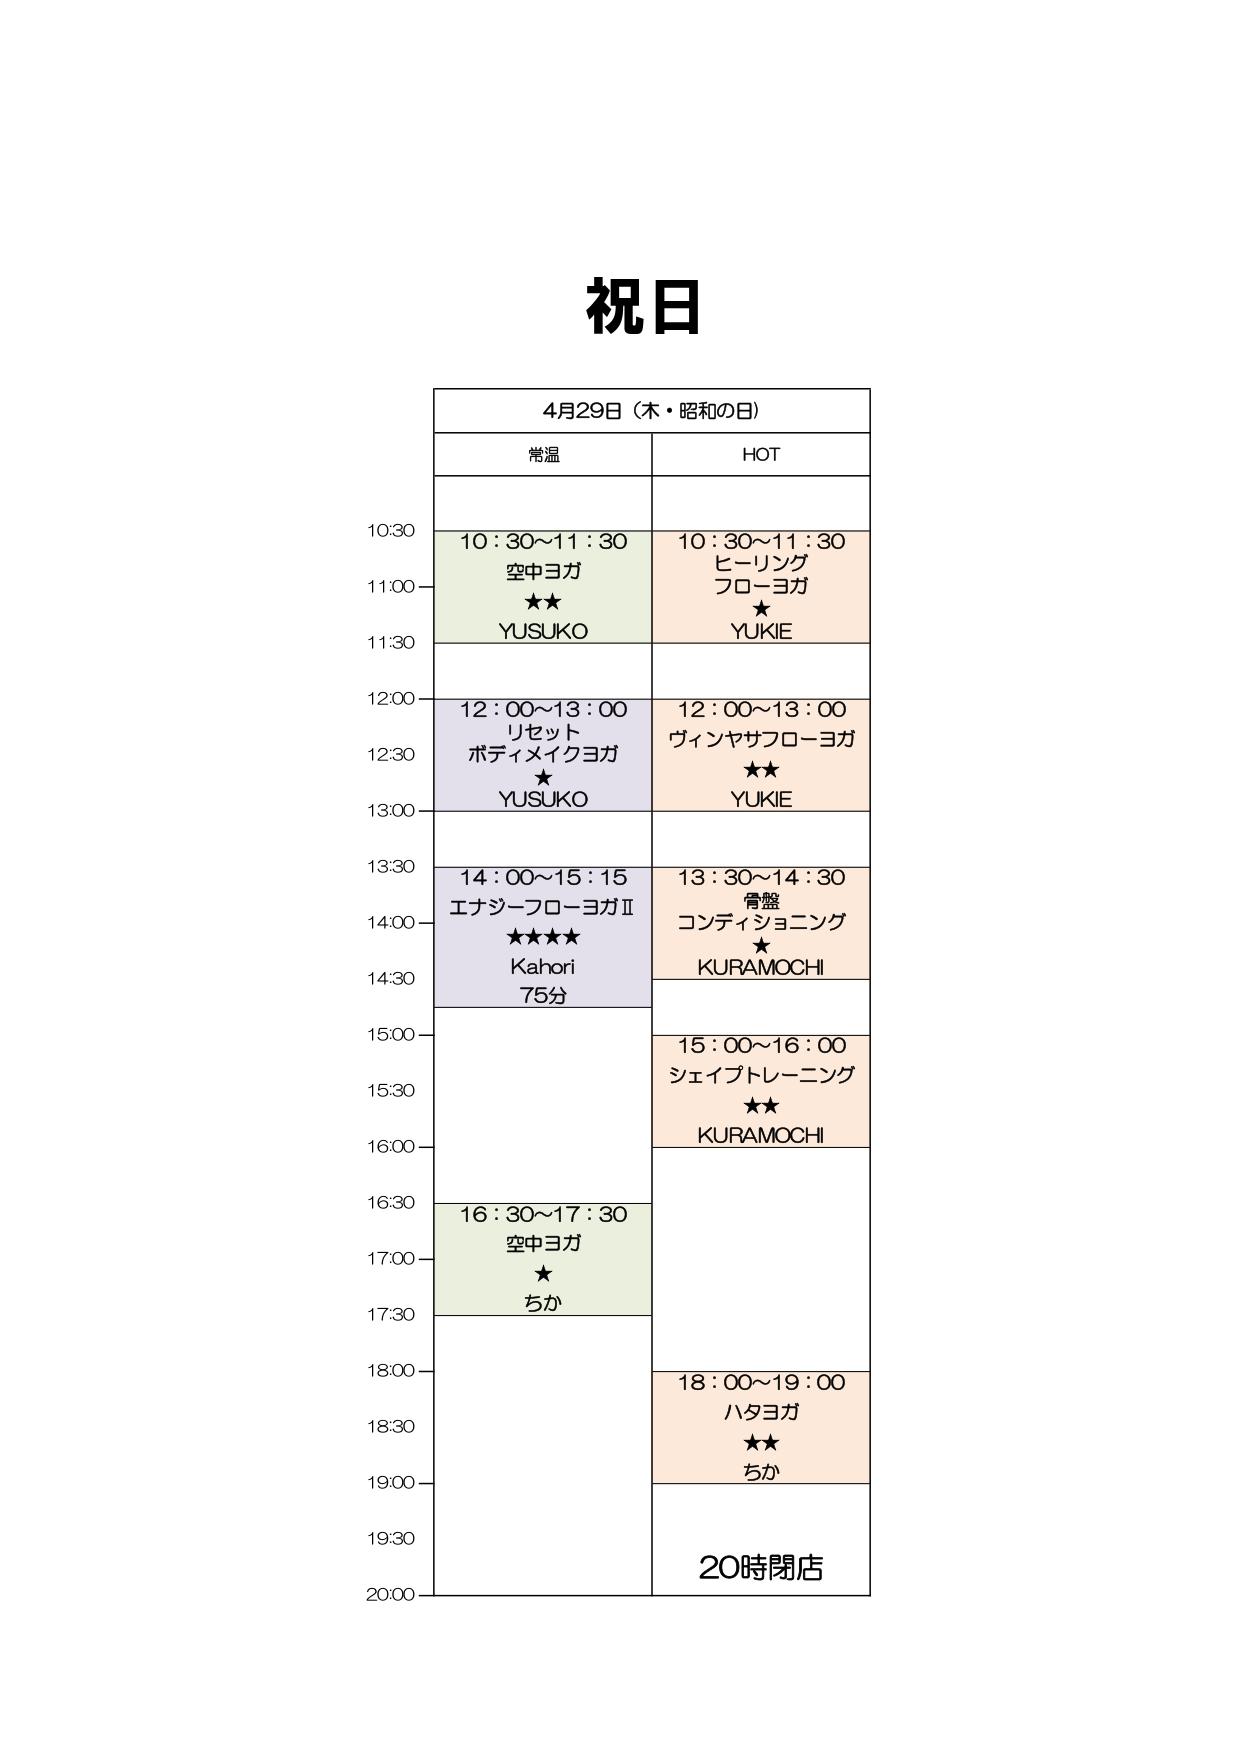 2021年4月五香スケジュール (HP祝日)copy_page-0001